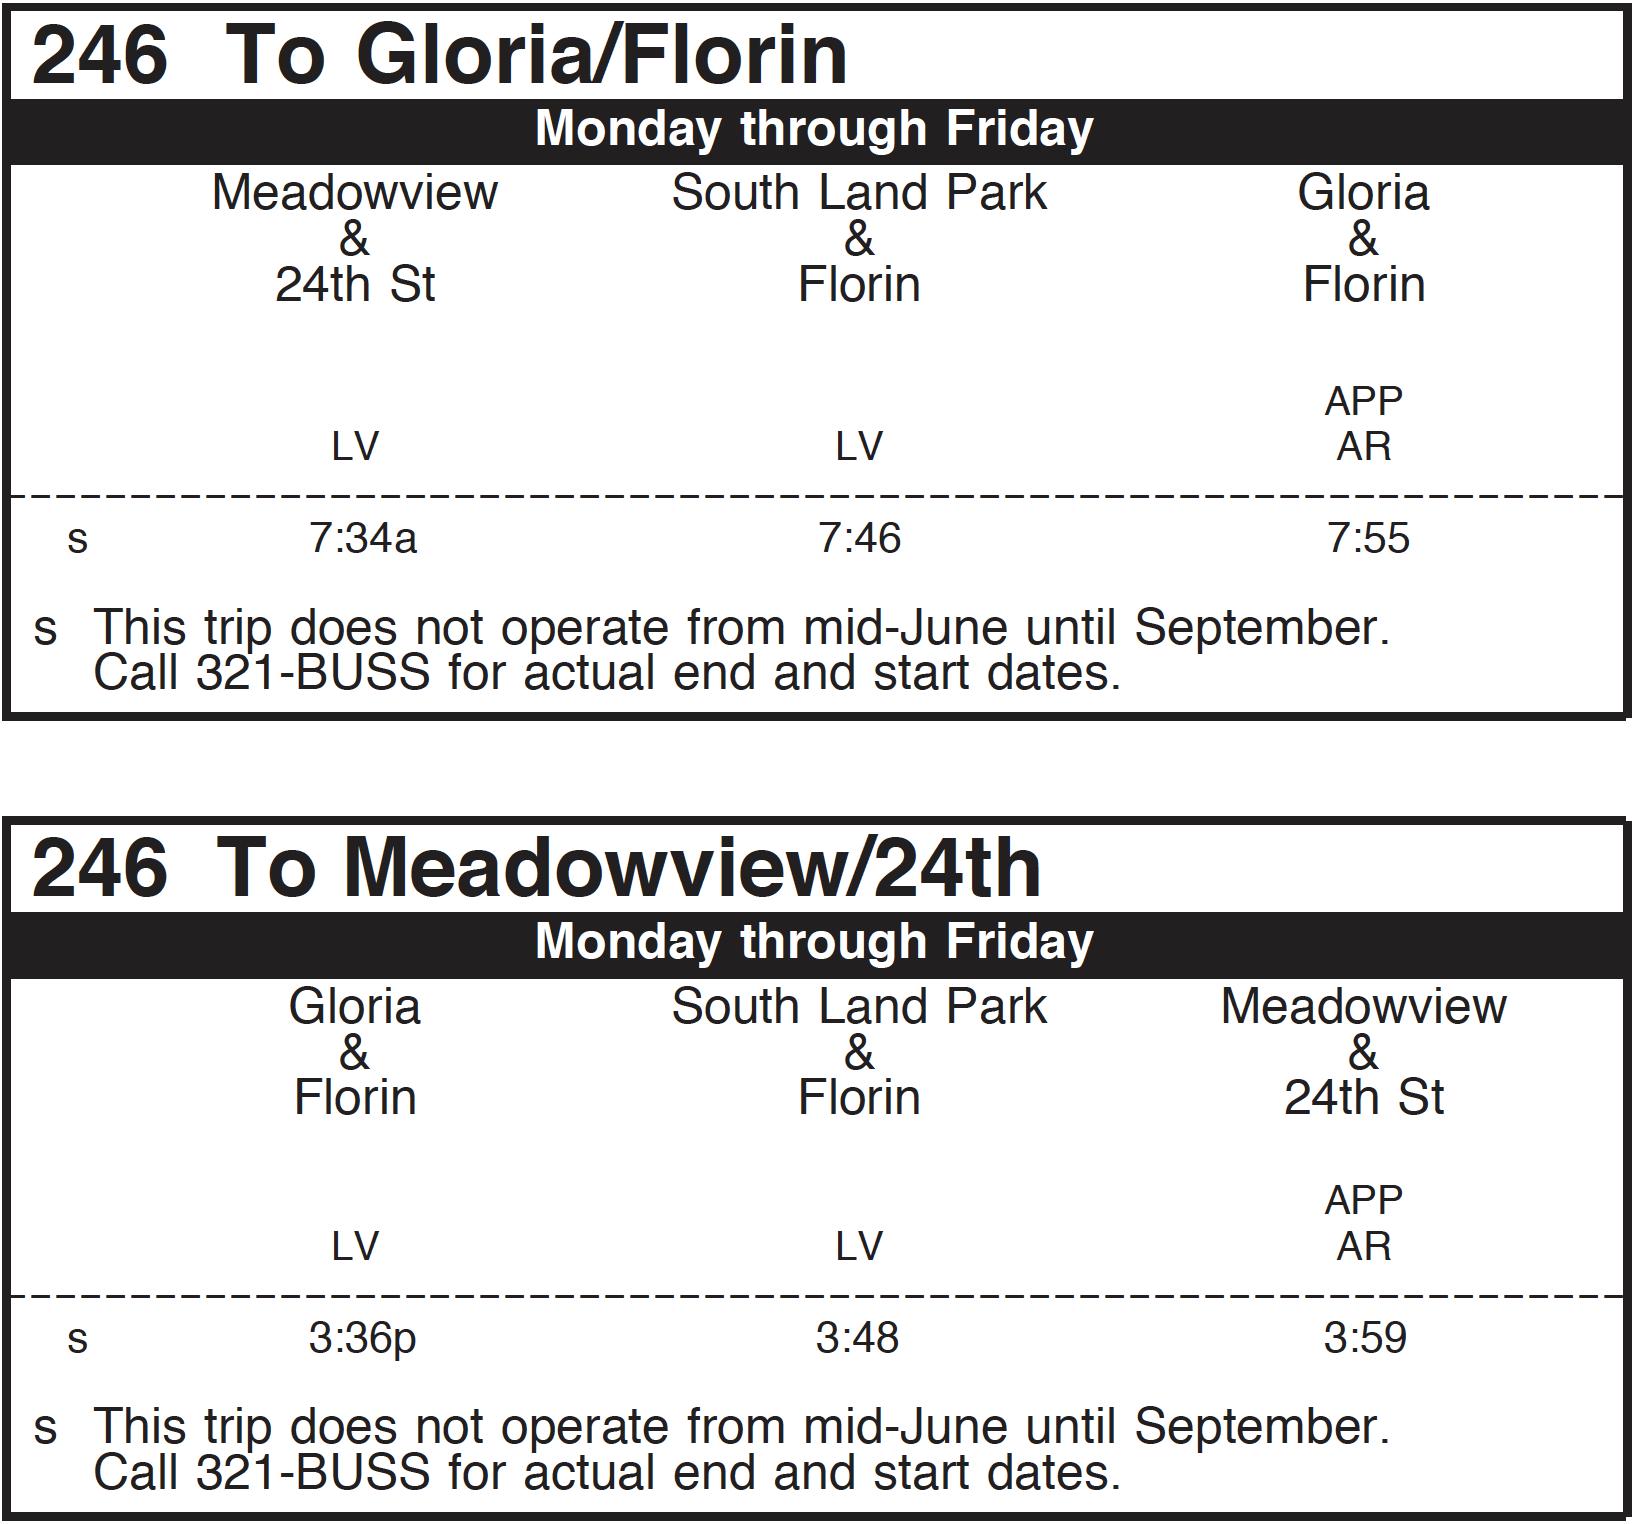 September Service Changes Effective Sunday September 2